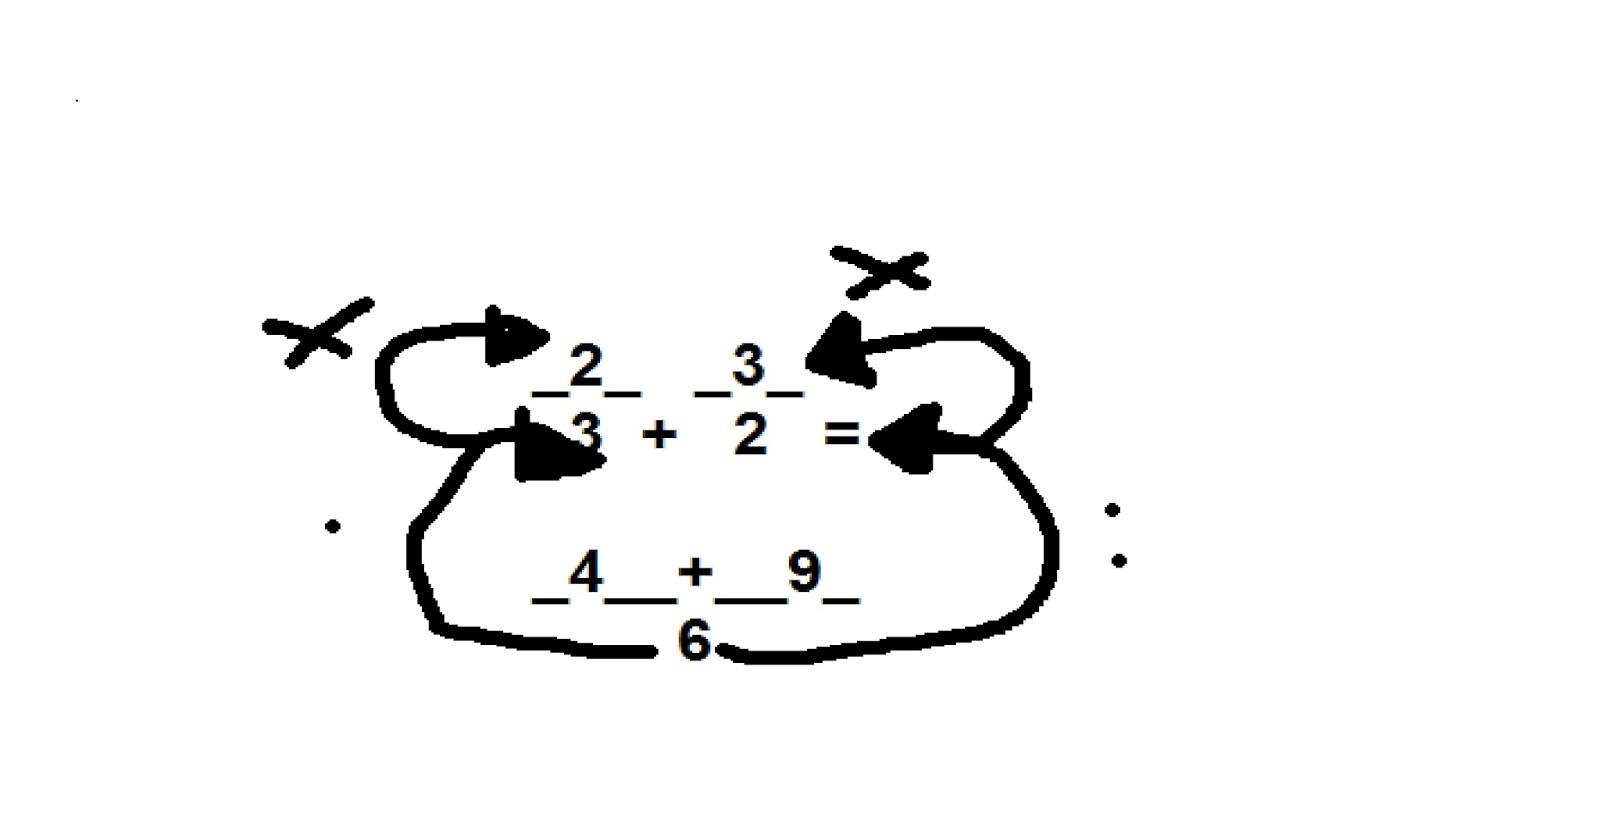 Esplorare e apprendere addizione e sottrazione con le frazioni - Addizionare e sottrarre frazioni con denominatori diversi ...